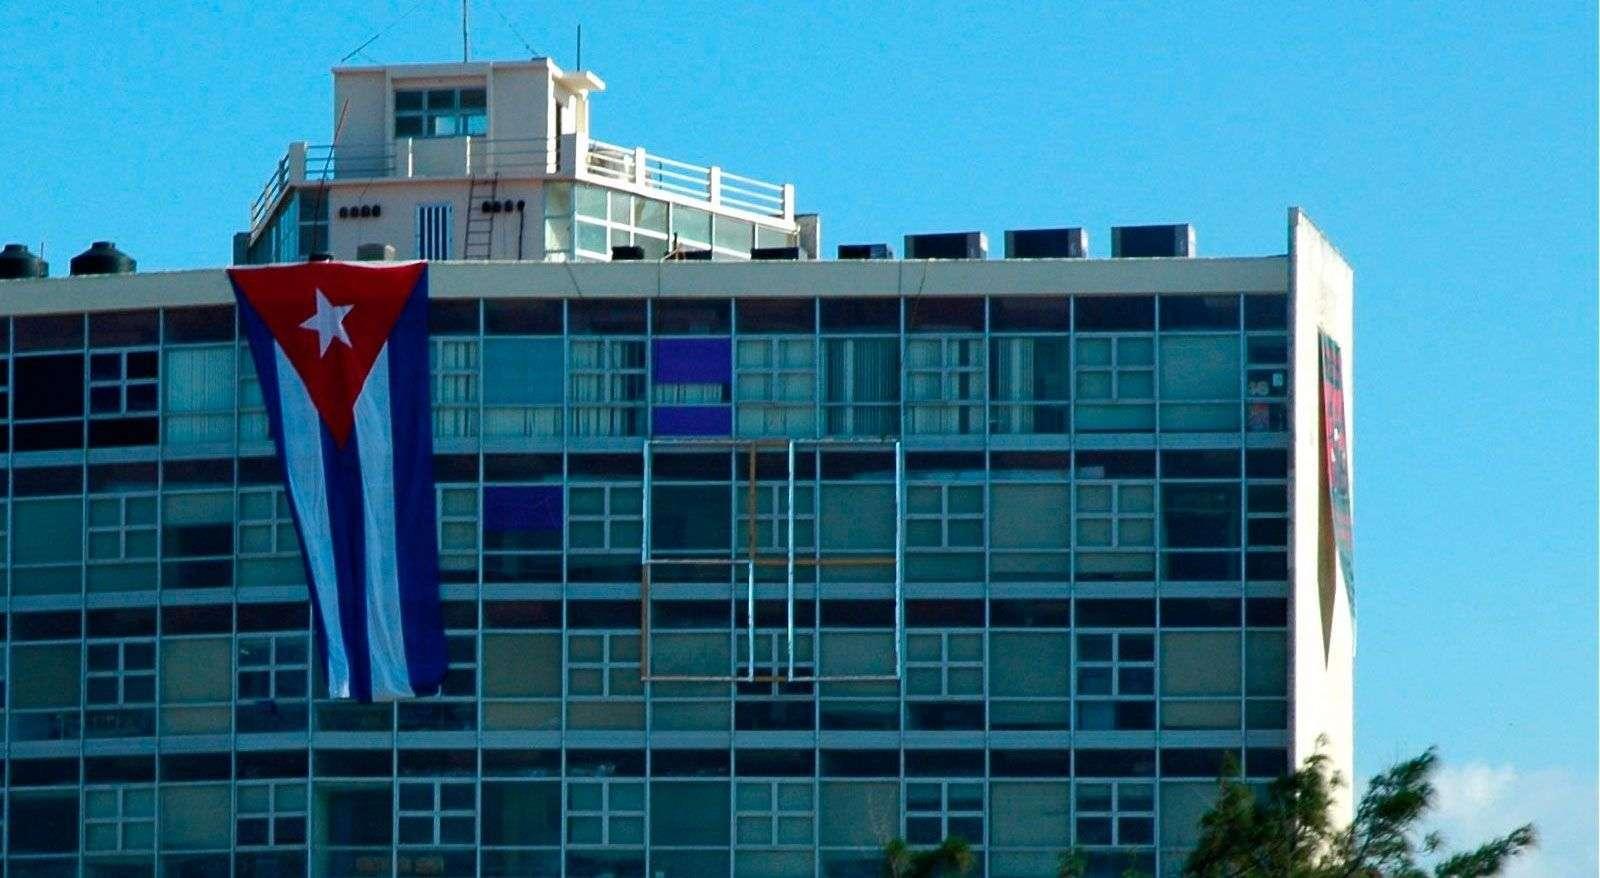 Edificio del Ministerio de Relaciones Exteriores de Cuba (Minrex) en La Habana. Foto: Archivo OnCuba.